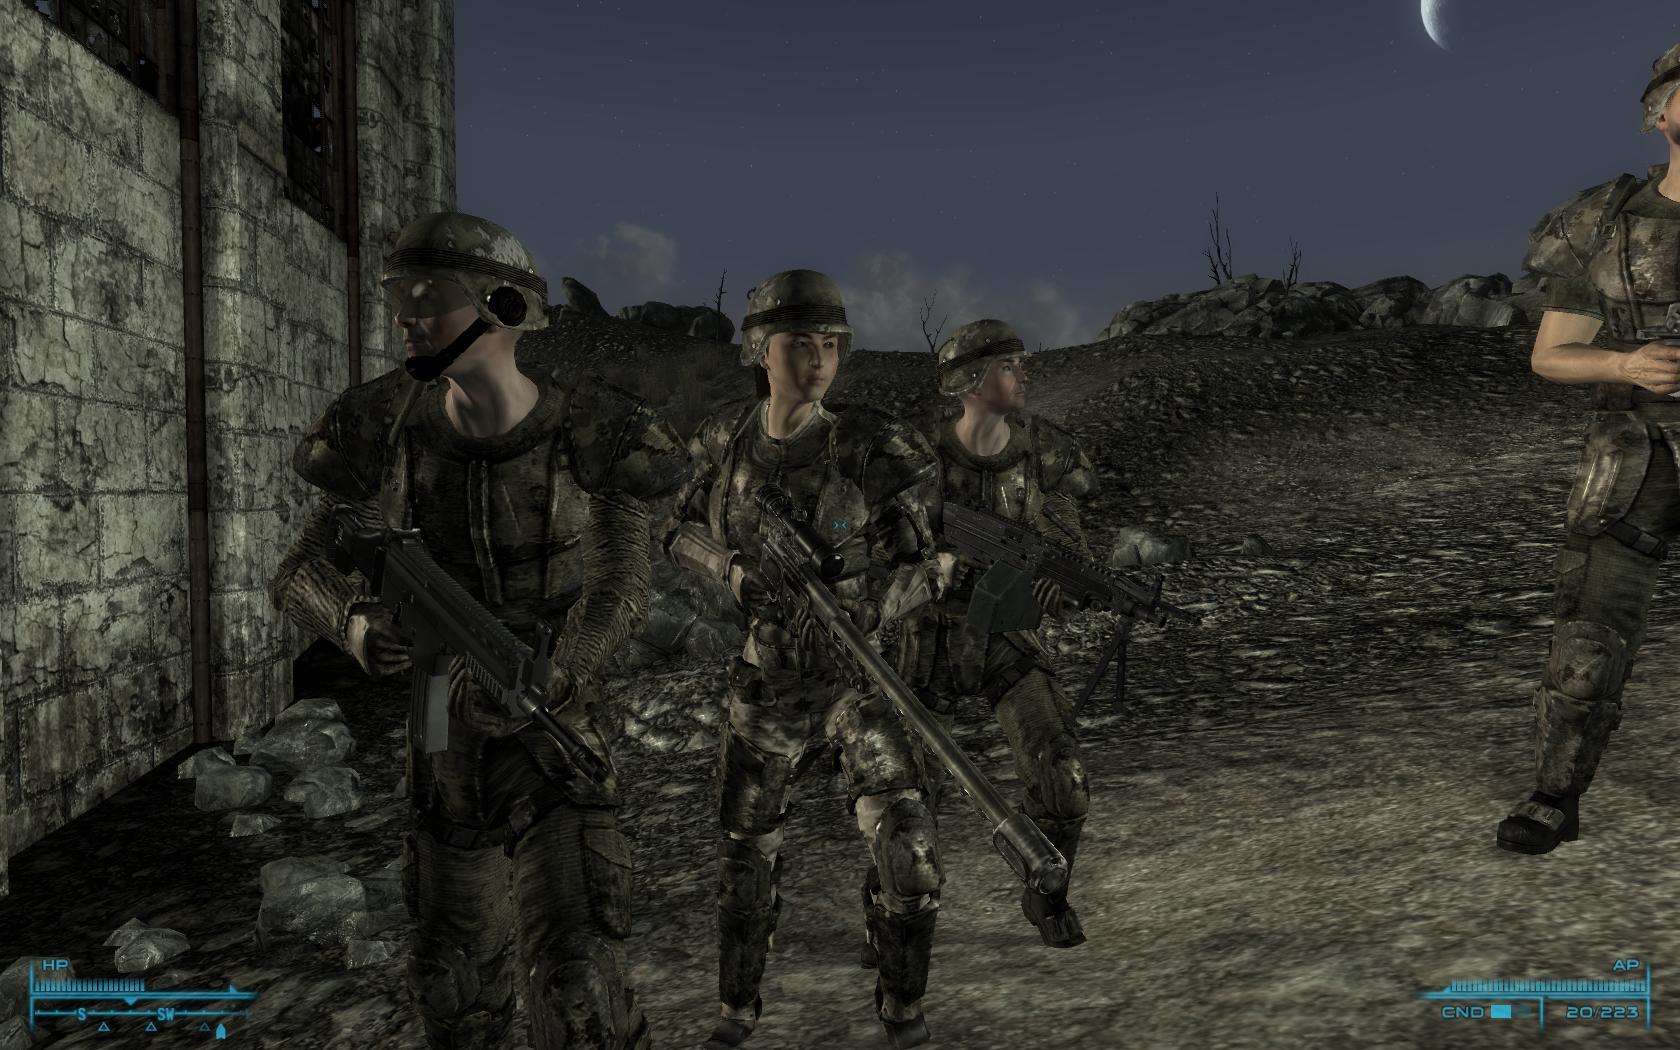 Моды для fallout 3 компаньоны скачать